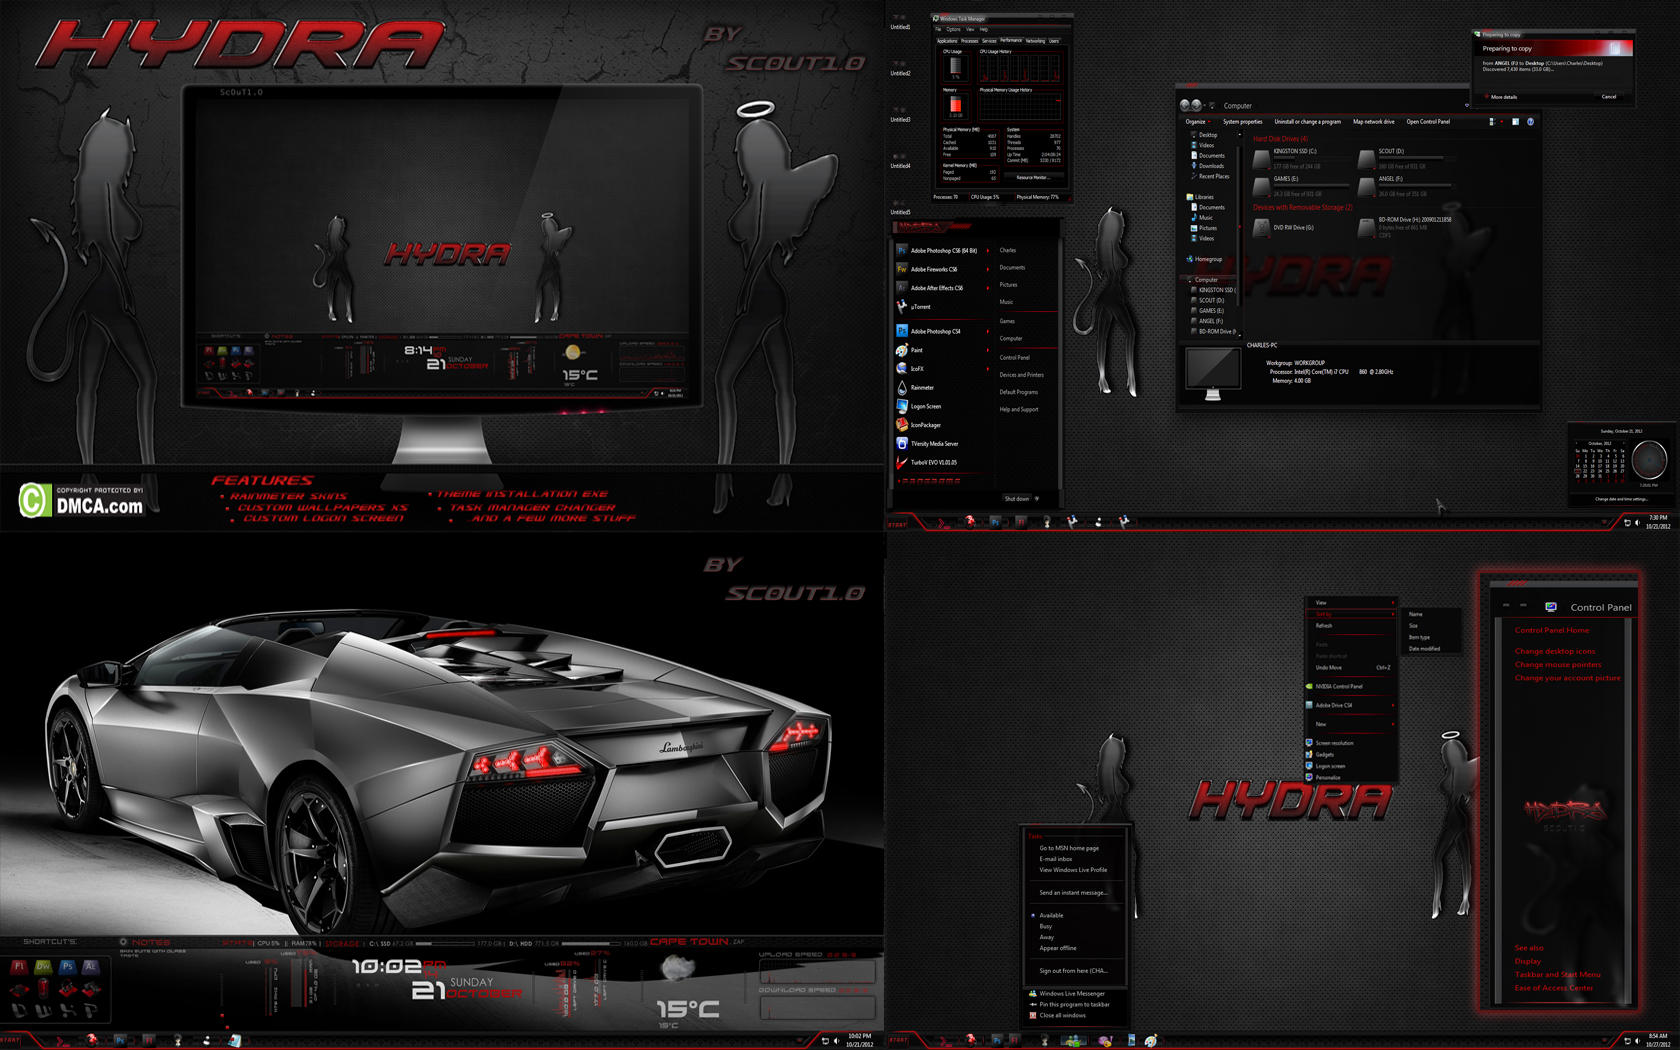 Hydra Dark Glass - Windows 7 theme by Sc0uT10